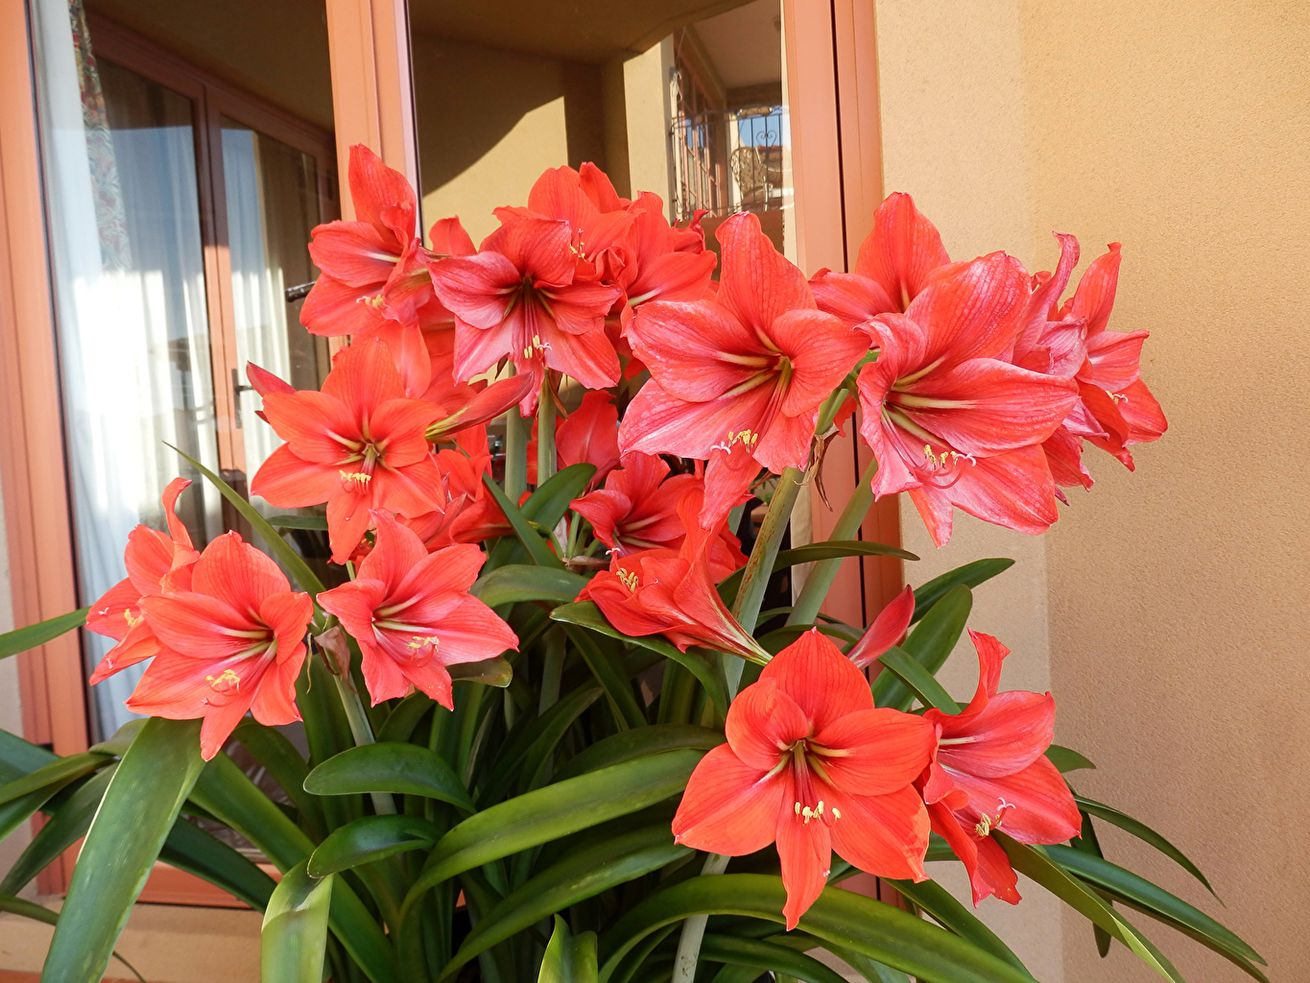 фото цветка амариллис обычные фотографии могут